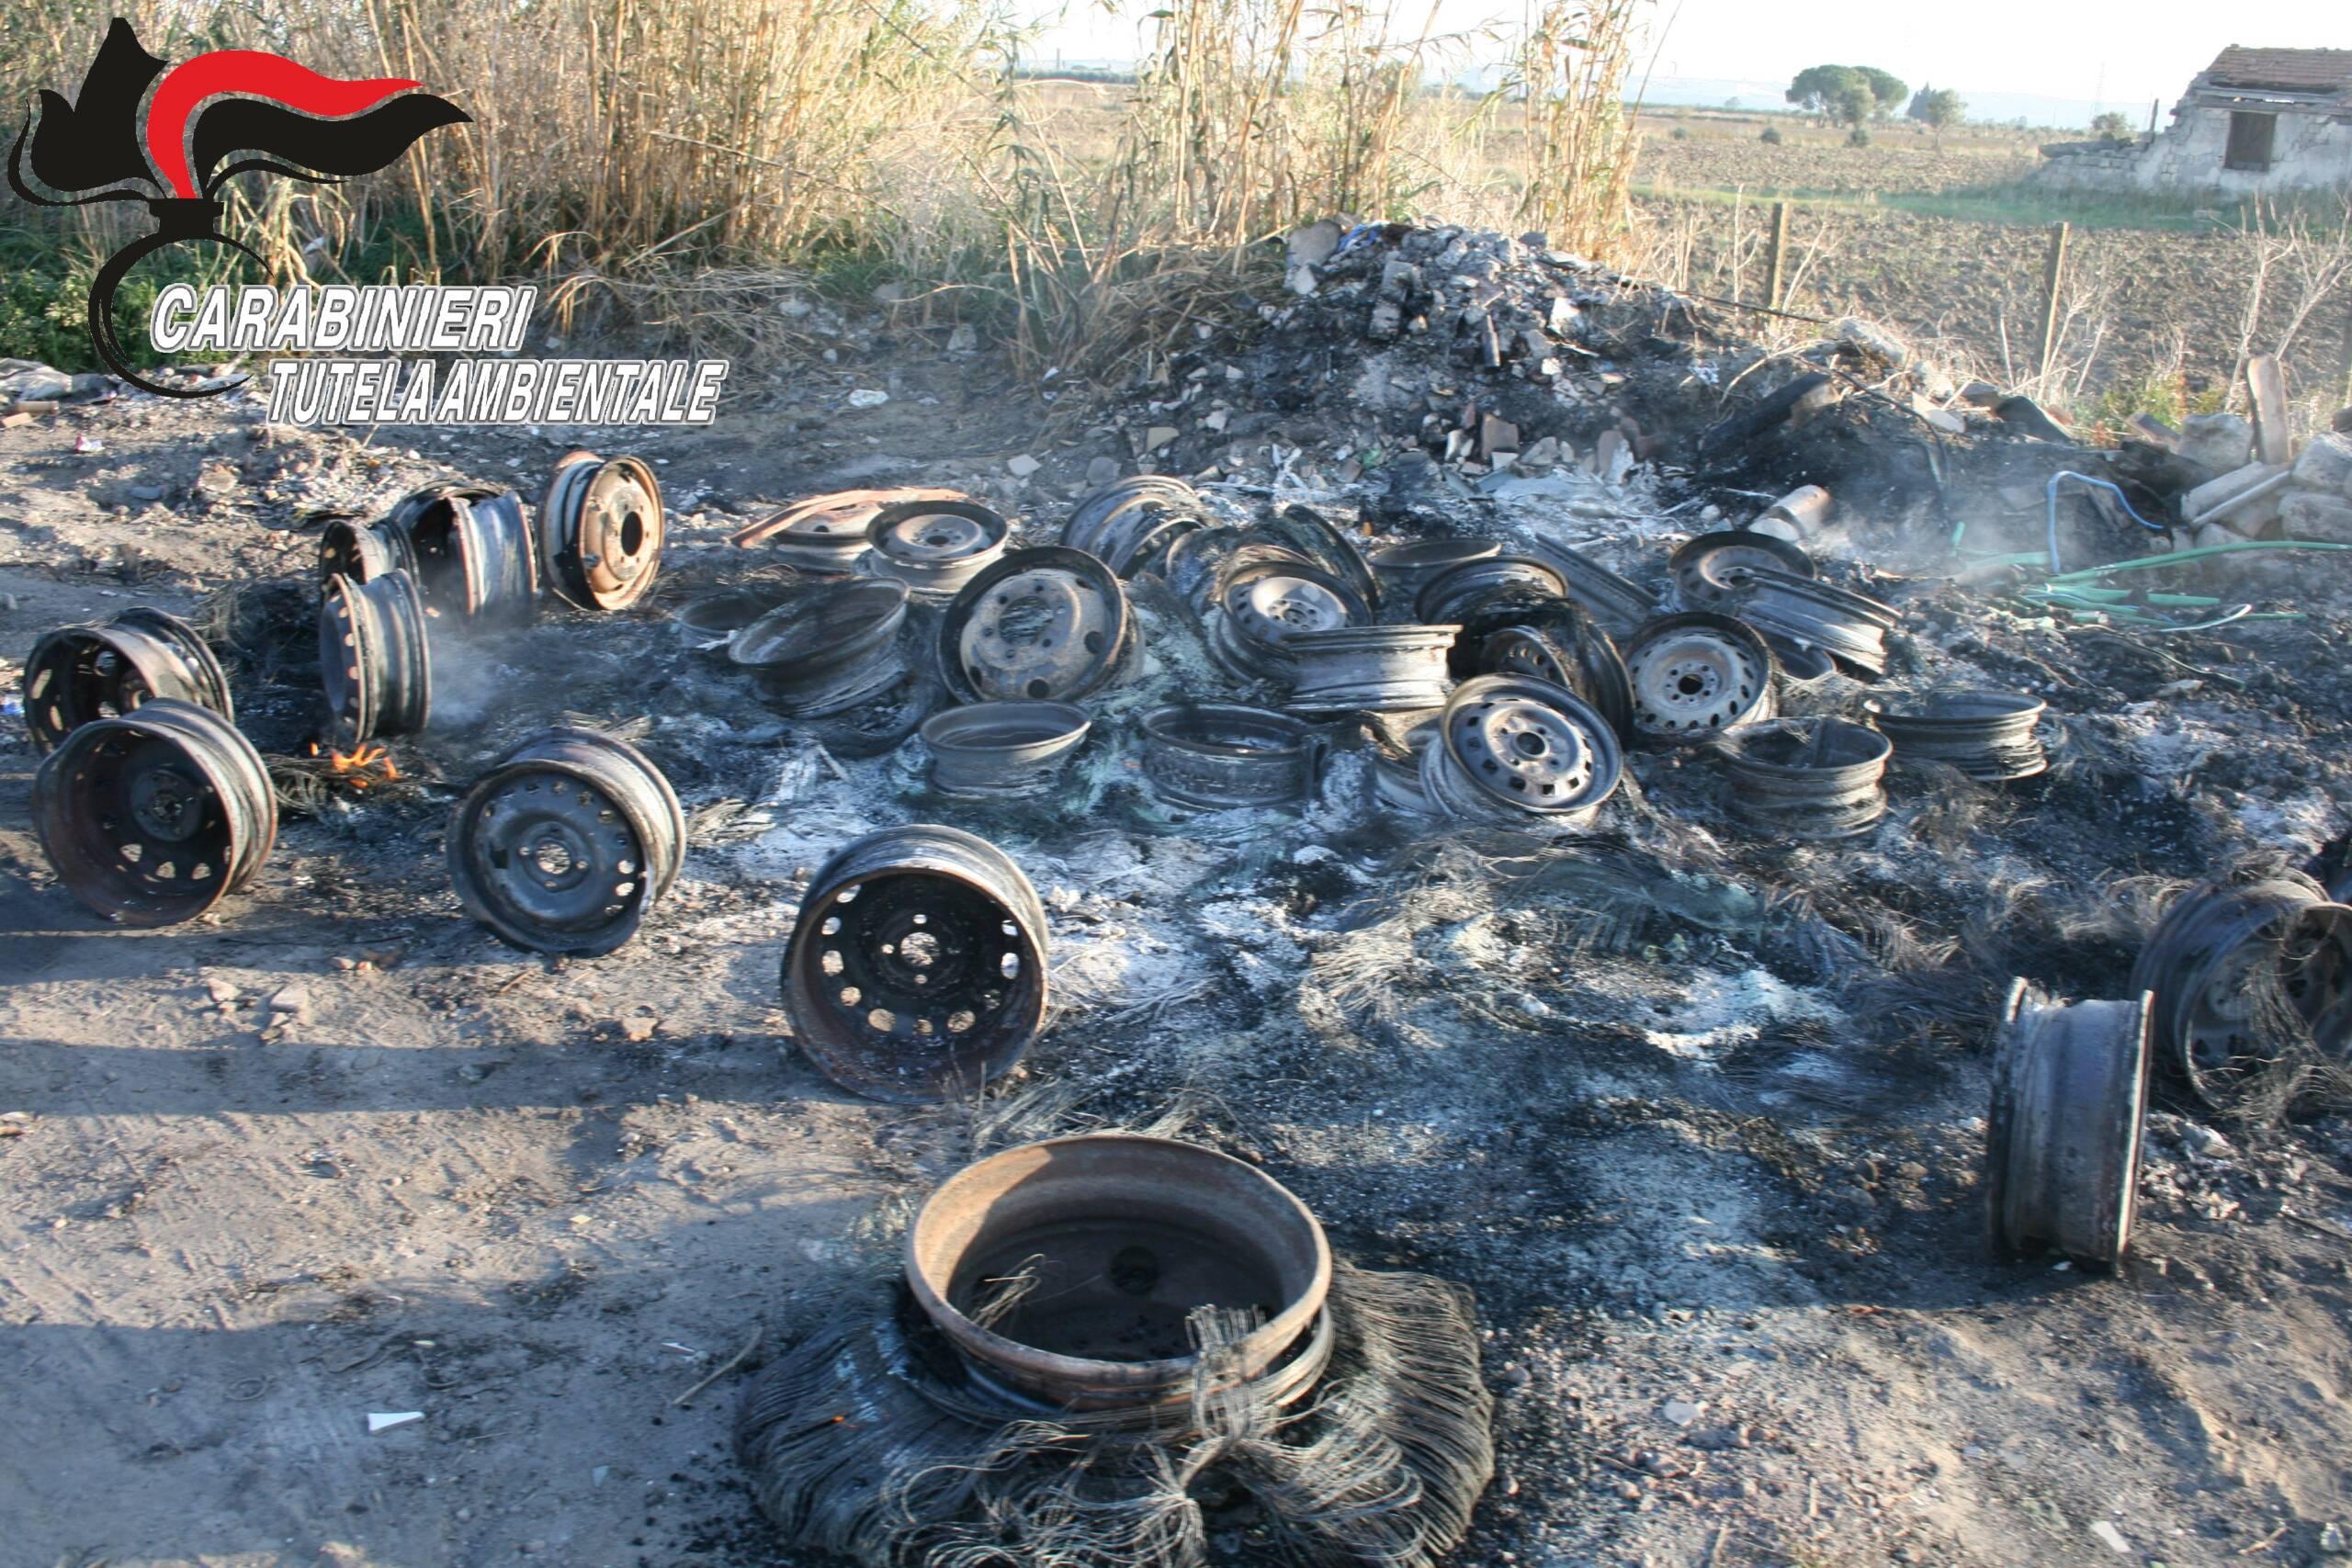 Notevoli danni ambientali in provincia di Catania, pregiudicato 51enne arrestato per combustione illecita di rifiuti speciali